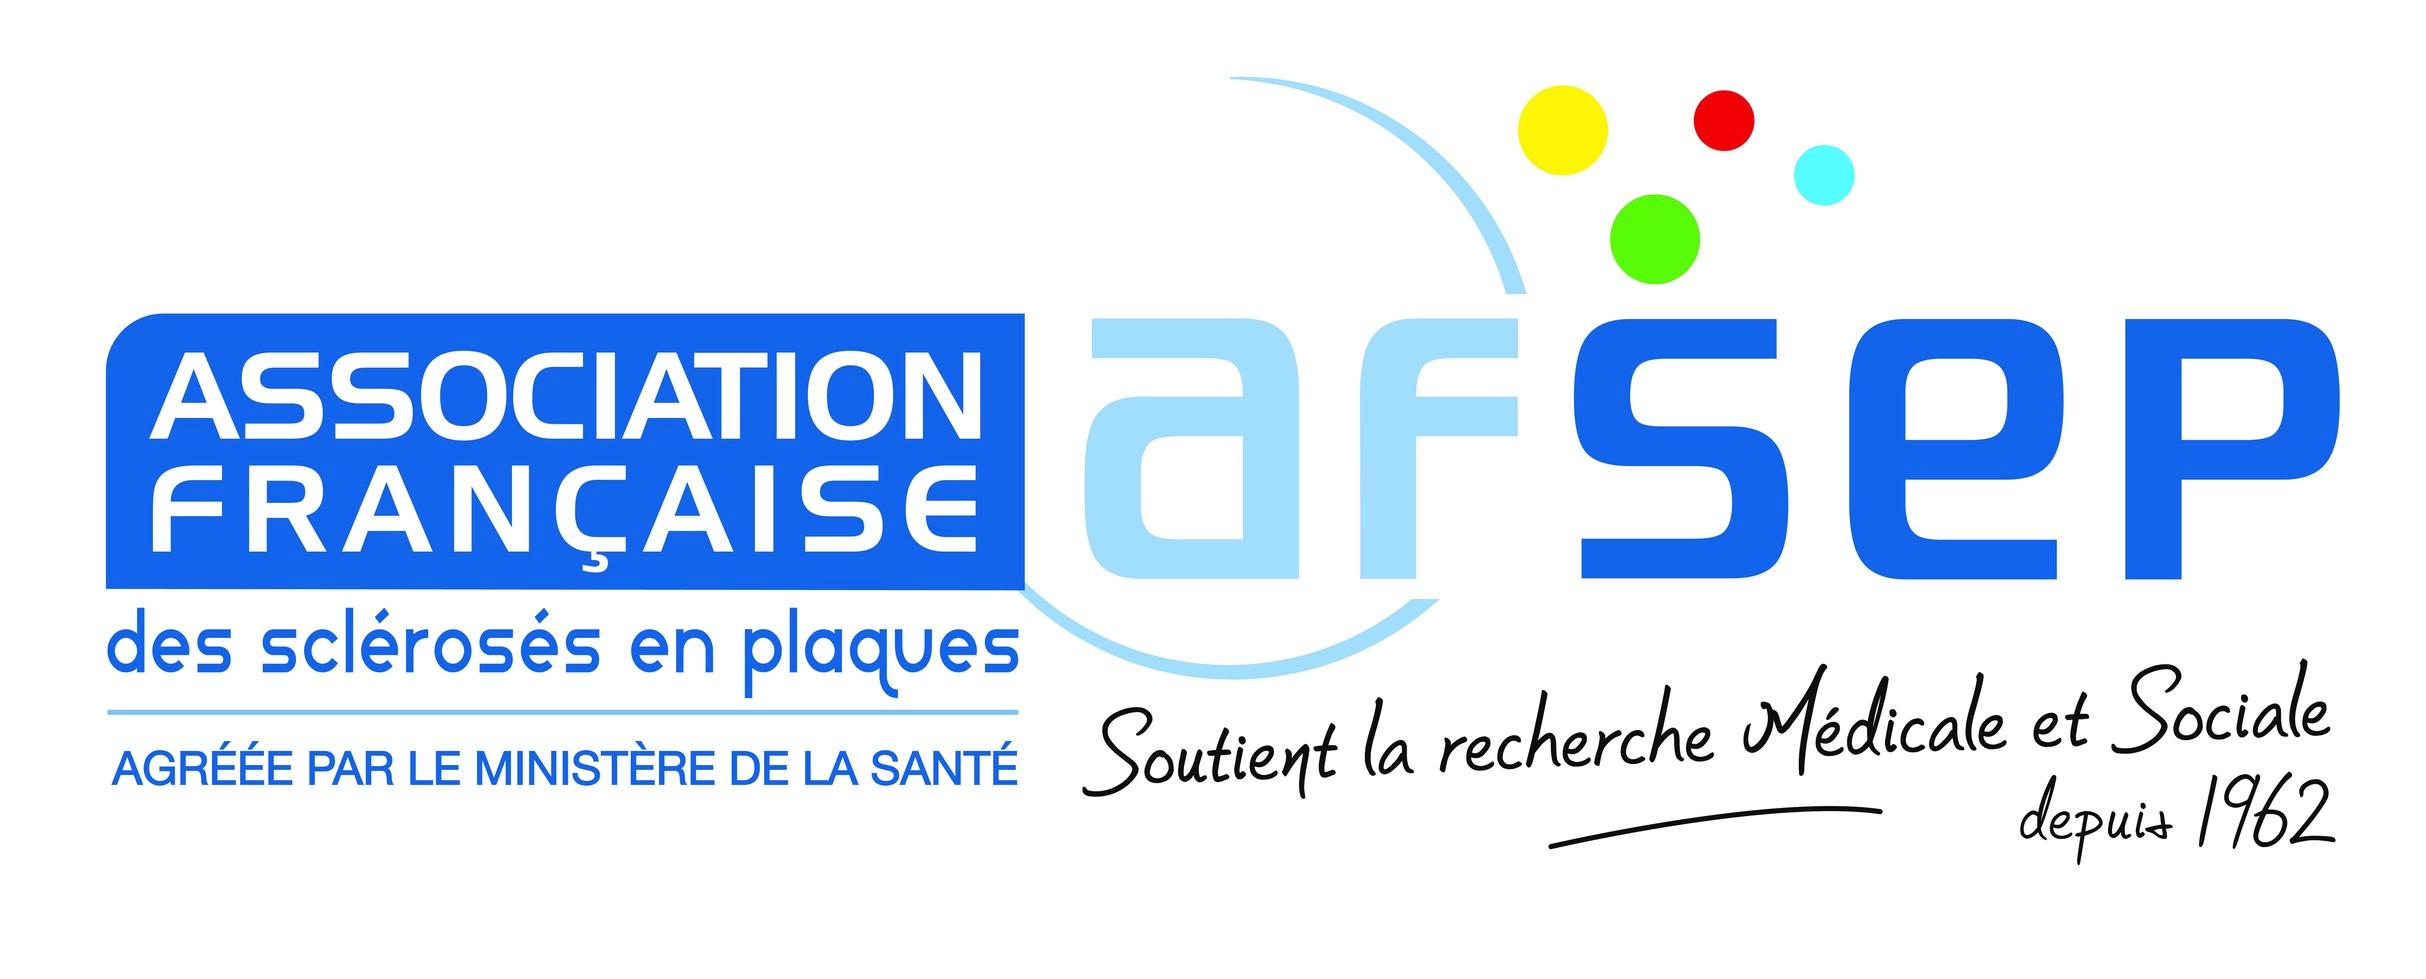 Association Française des Sclérosés en Plaques